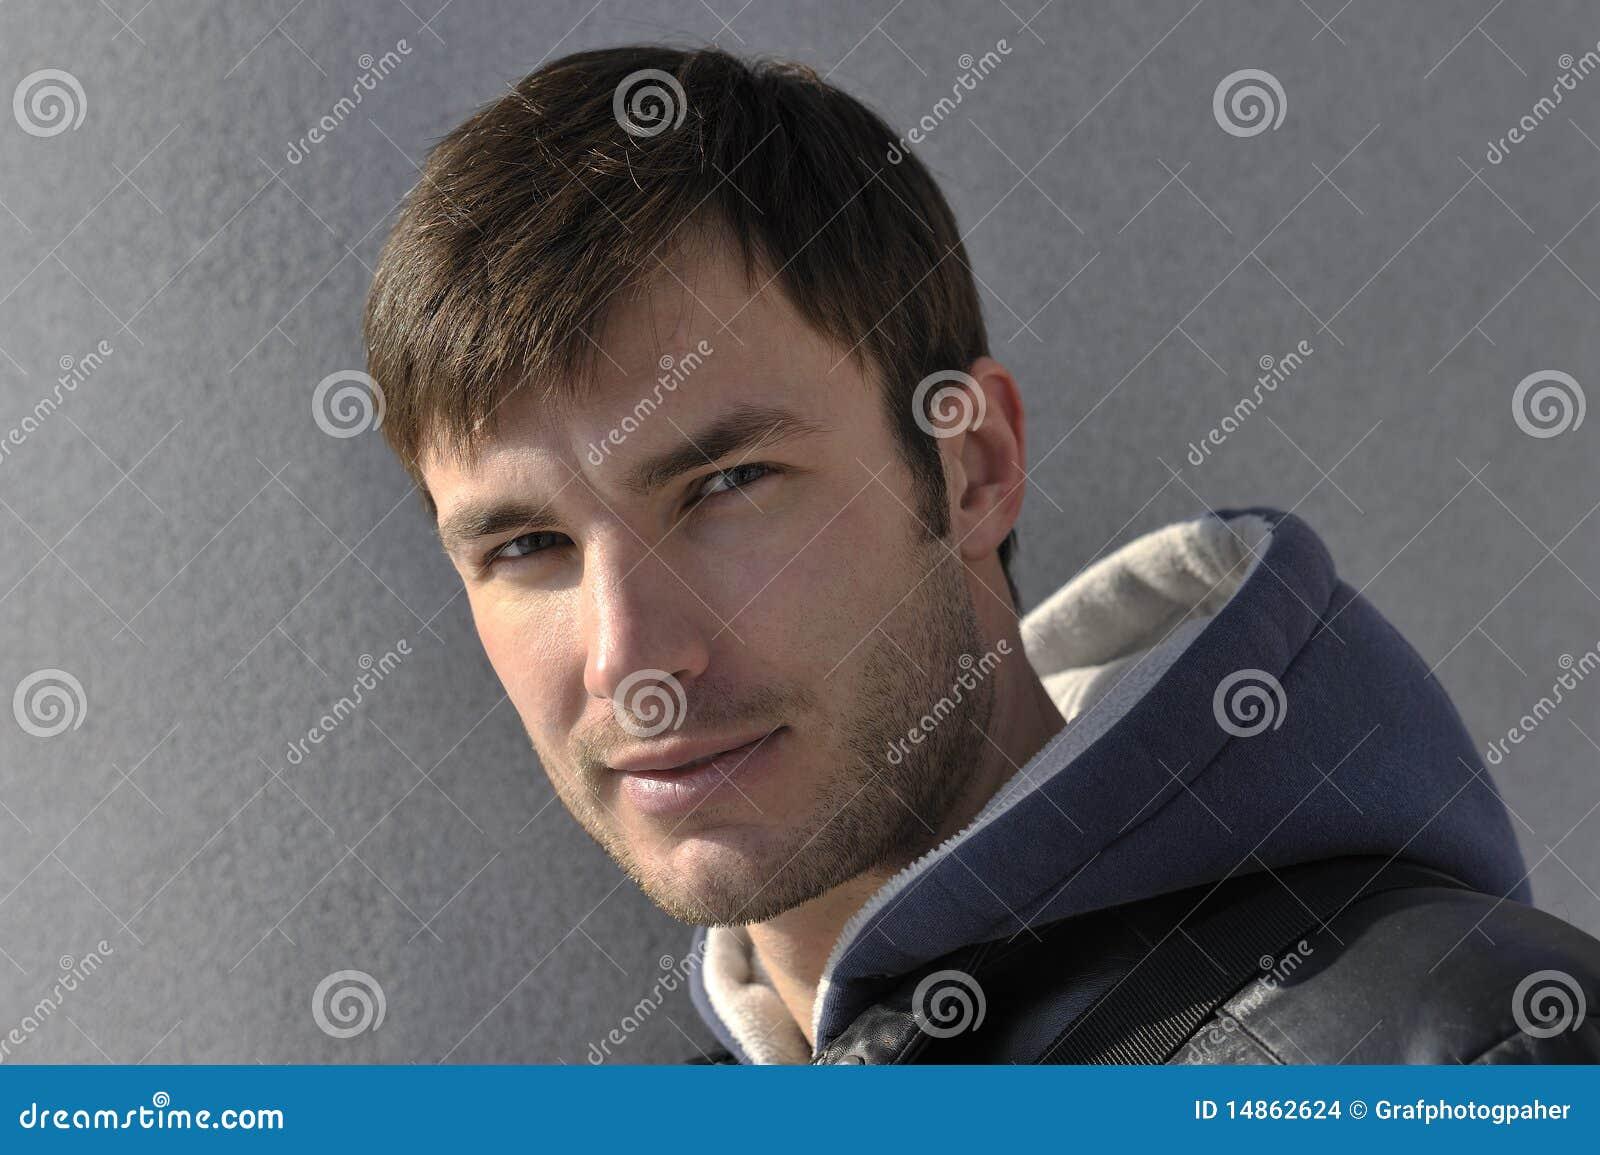 Portrait man